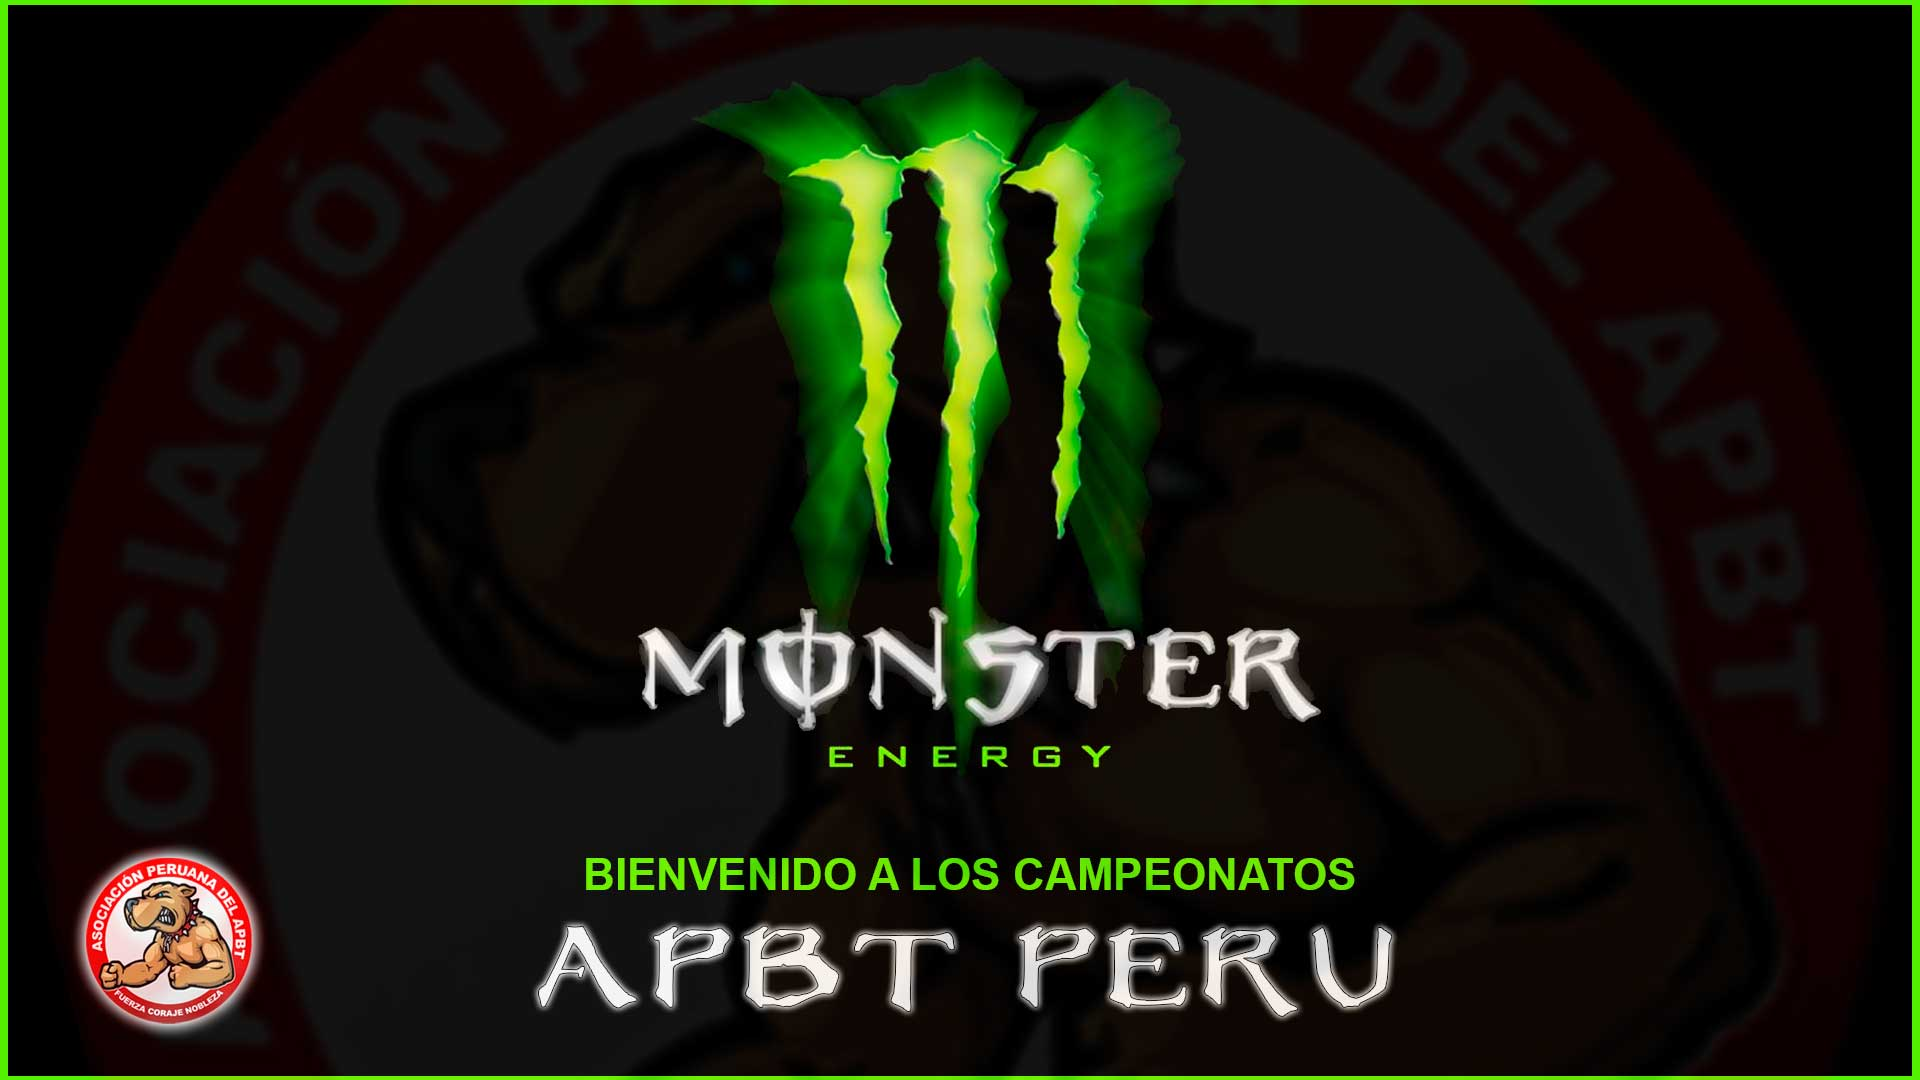 Bienvenido Monster Energy a los Campeonato Pit Bull – Apbt Peru